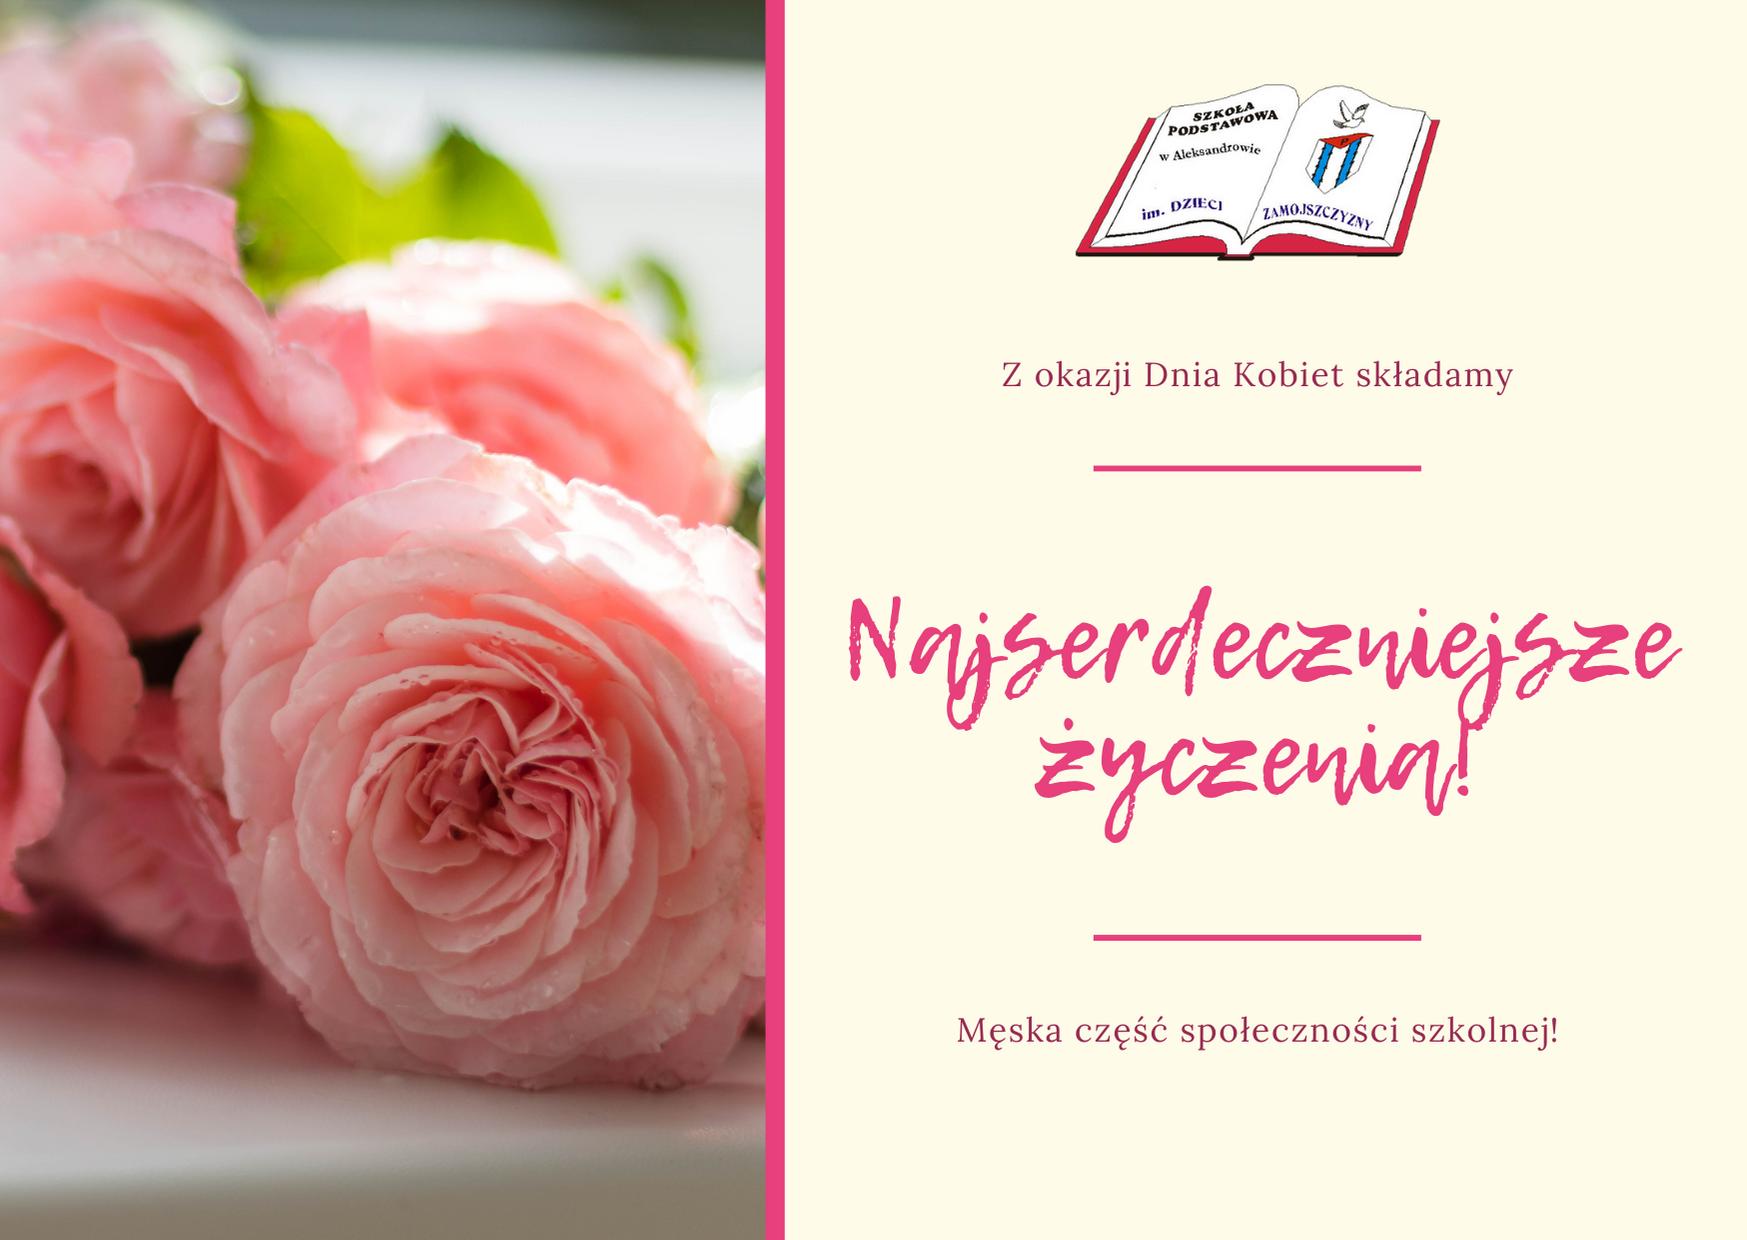 http://szkola.ealeksandrow.pl/download/Zyczenia%20Dzien%20Kobiet.png